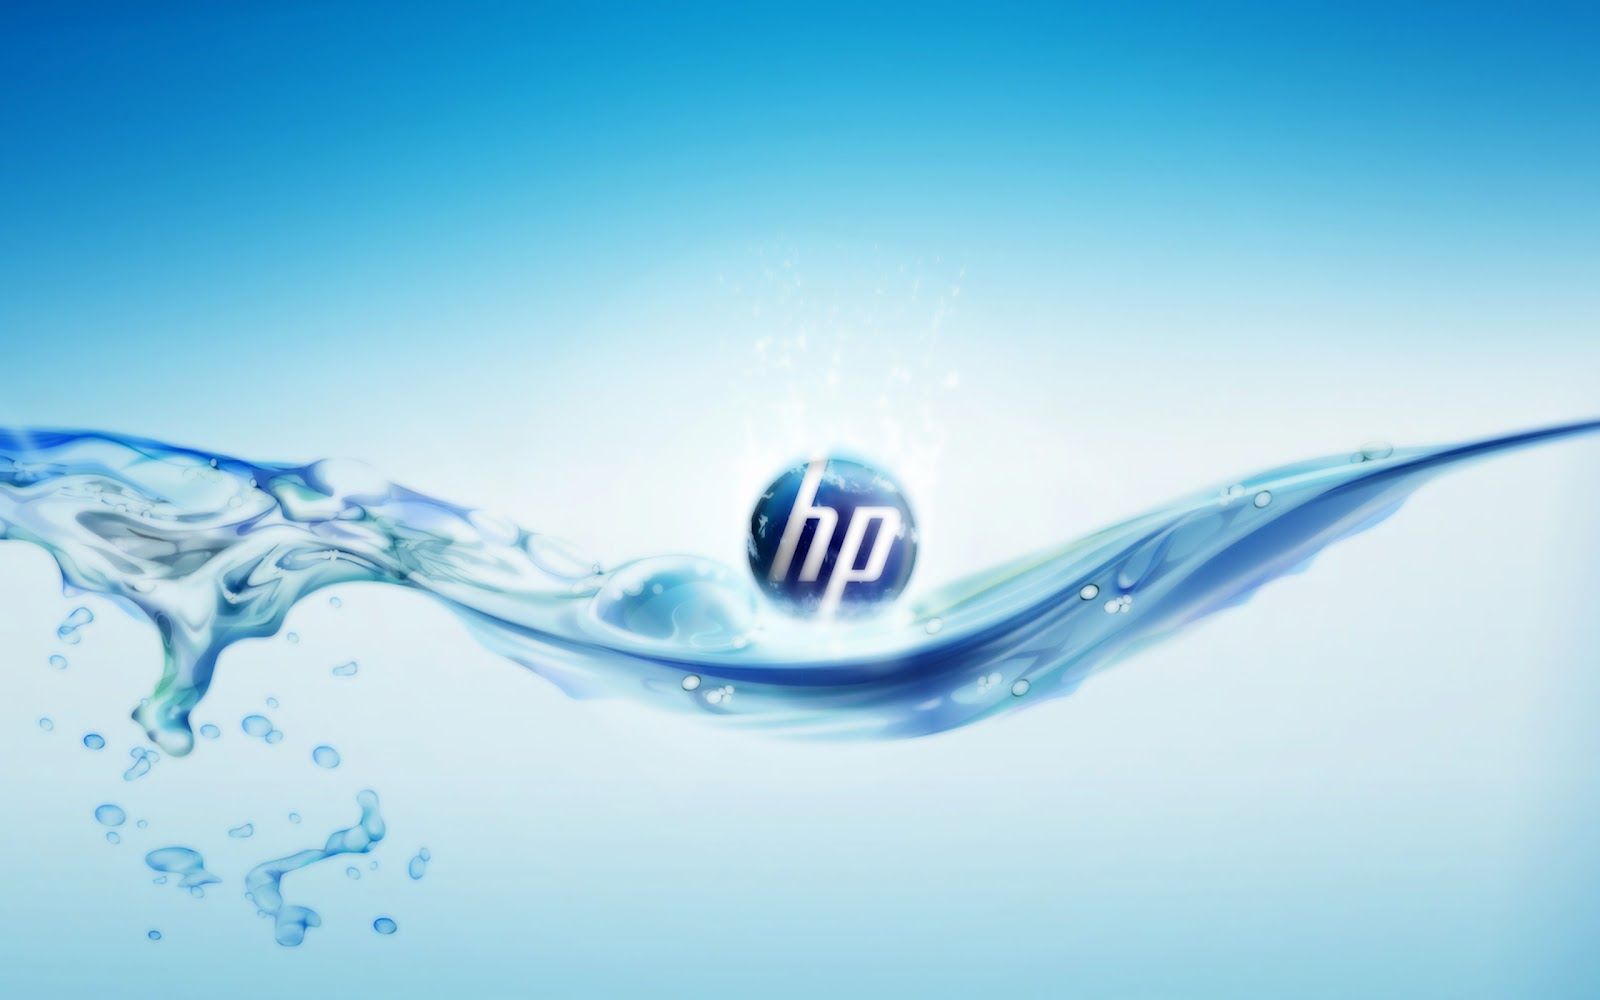 http://1.bp.blogspot.com/-kRdgUXfGLYQ/T_vYTXvuGcI/AAAAAAAAIis/tMcIcSUMBQo/s1600/hp+HD+logo+wallpaper,+hp+HD+logo+(2).jpg